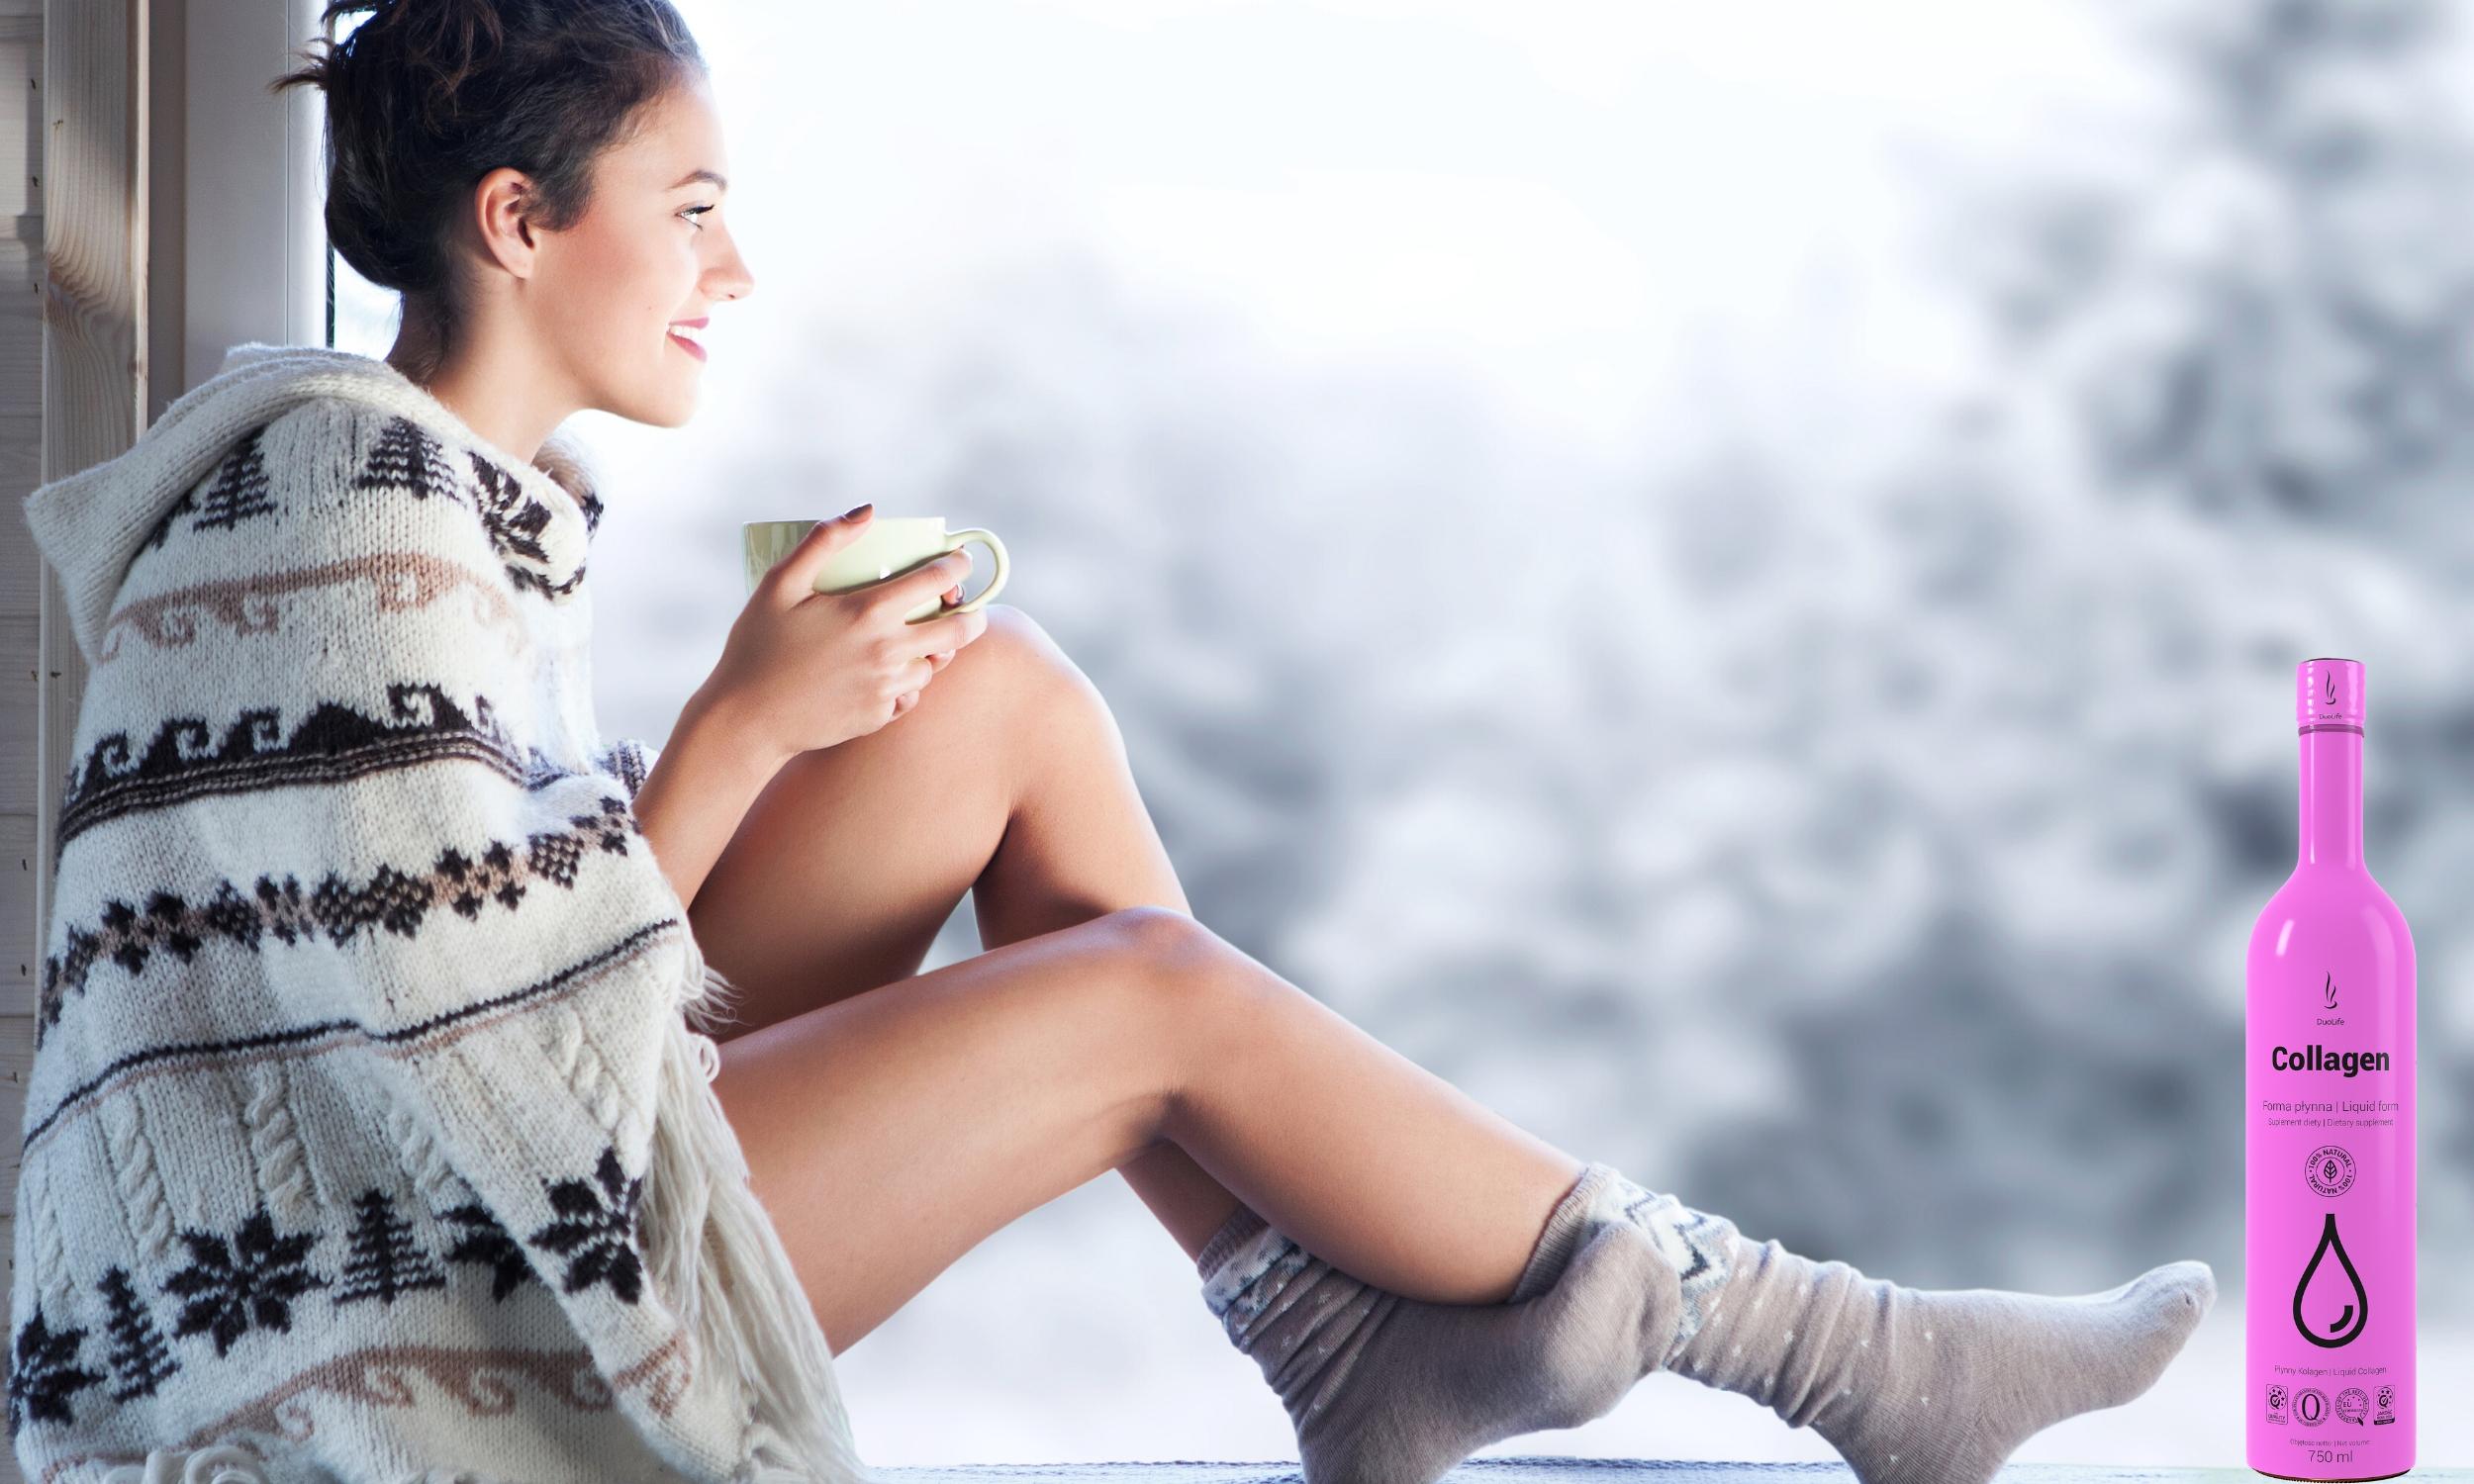 Jak dba o skr zimjpg